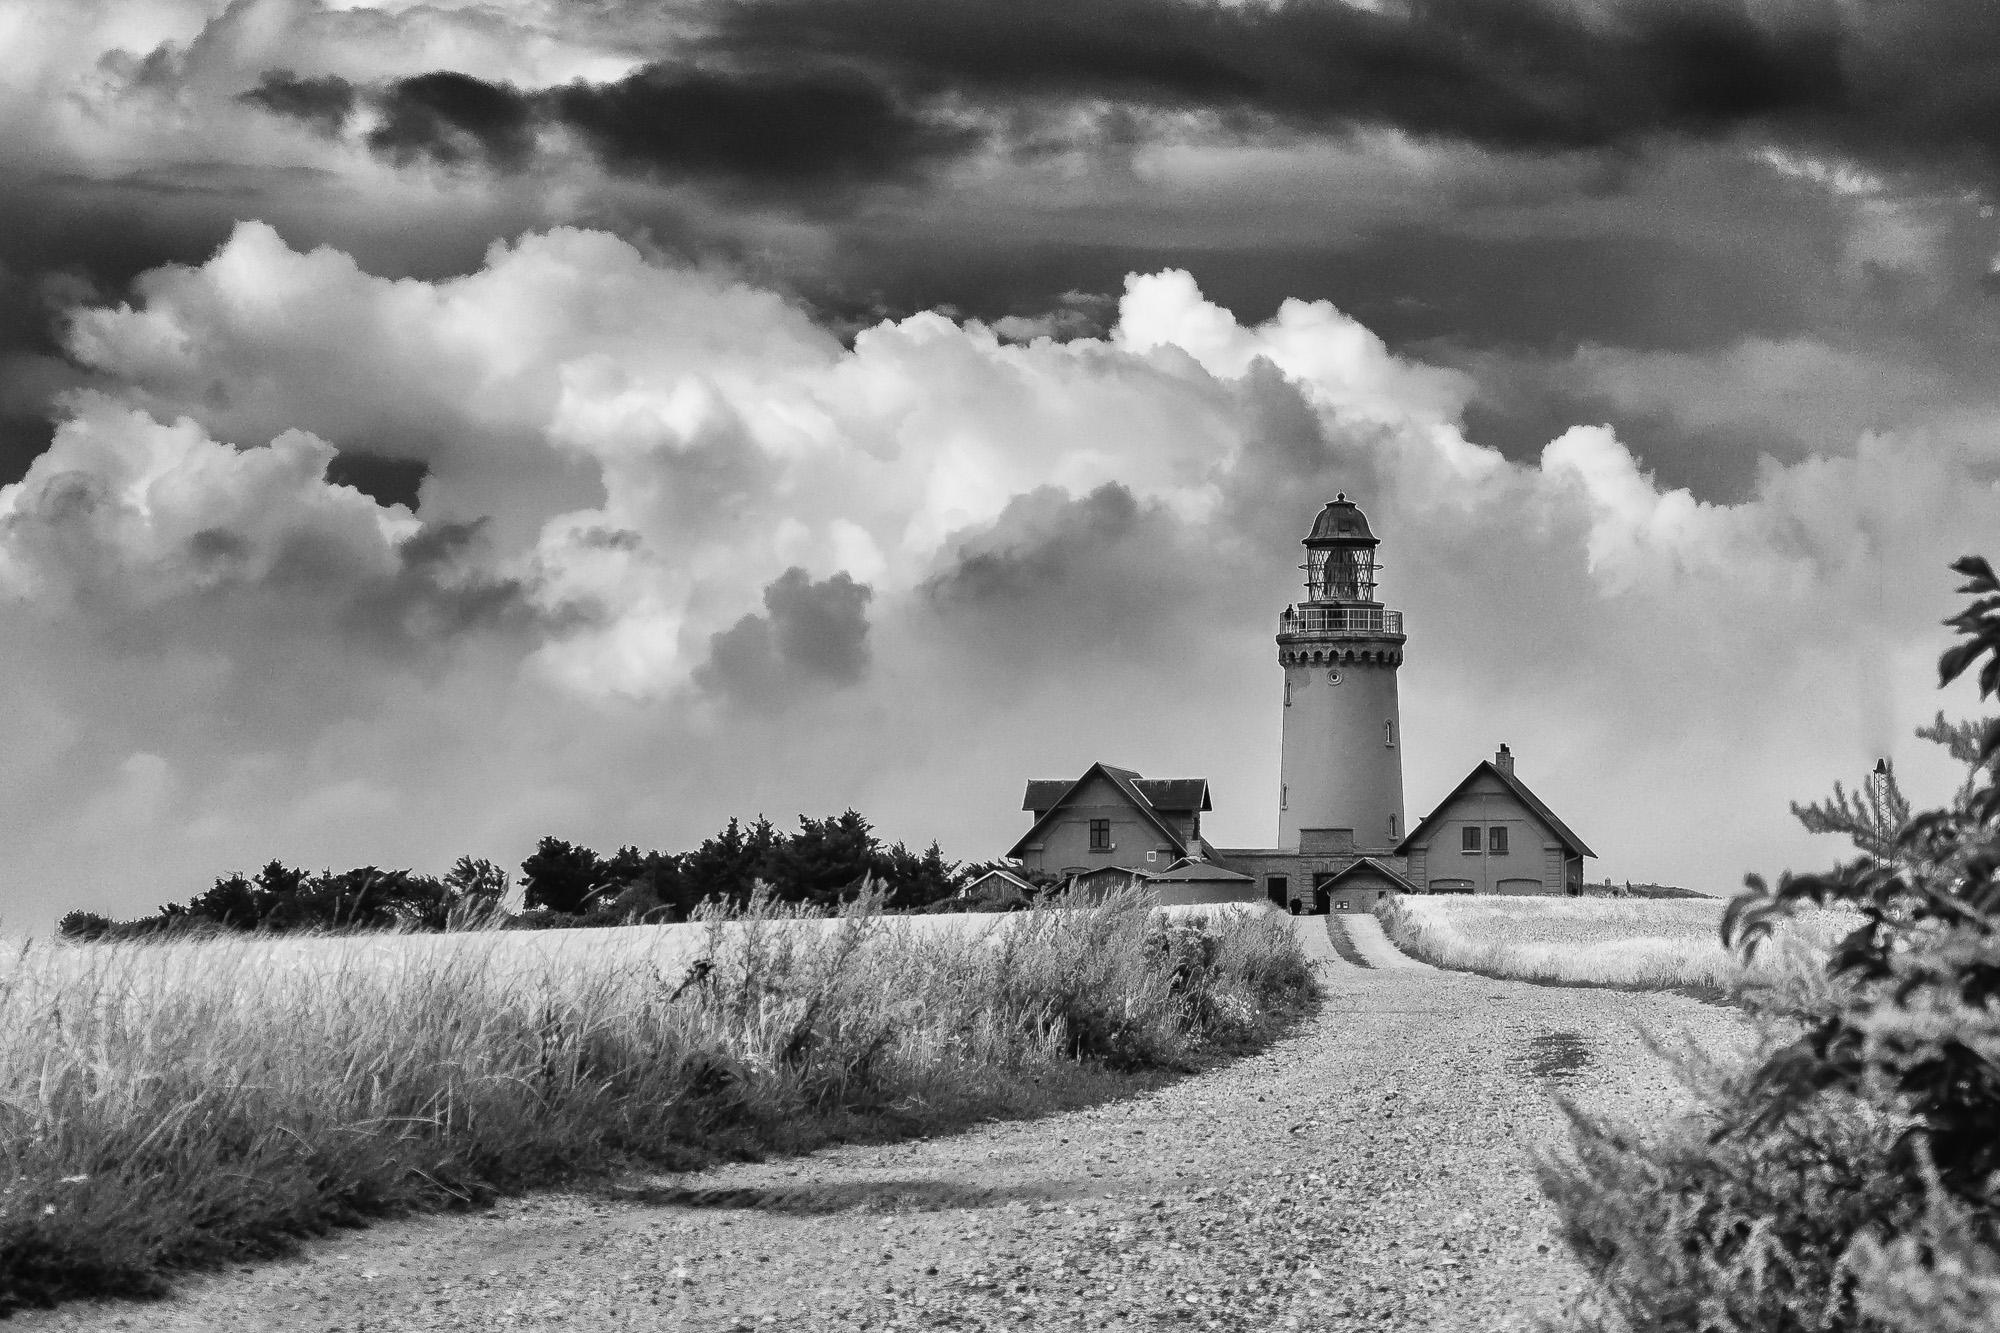 Dänemark Fotos mit der Olympus OM-D entstanden – mein Fazit nach 3 Monaten Einsatz